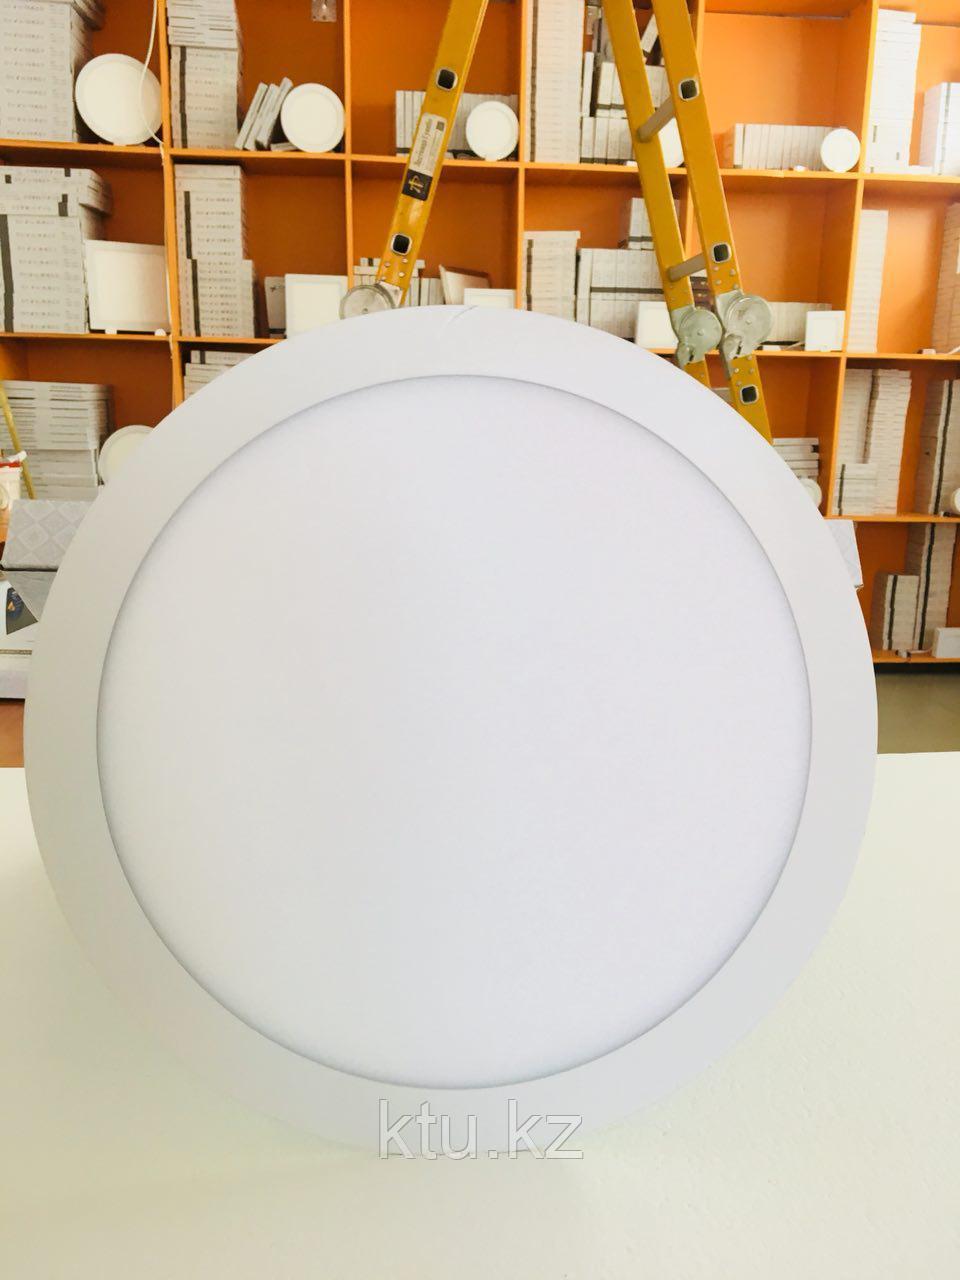 Светильники (споты) JL-Y 18W,внутренний 1год гарантия